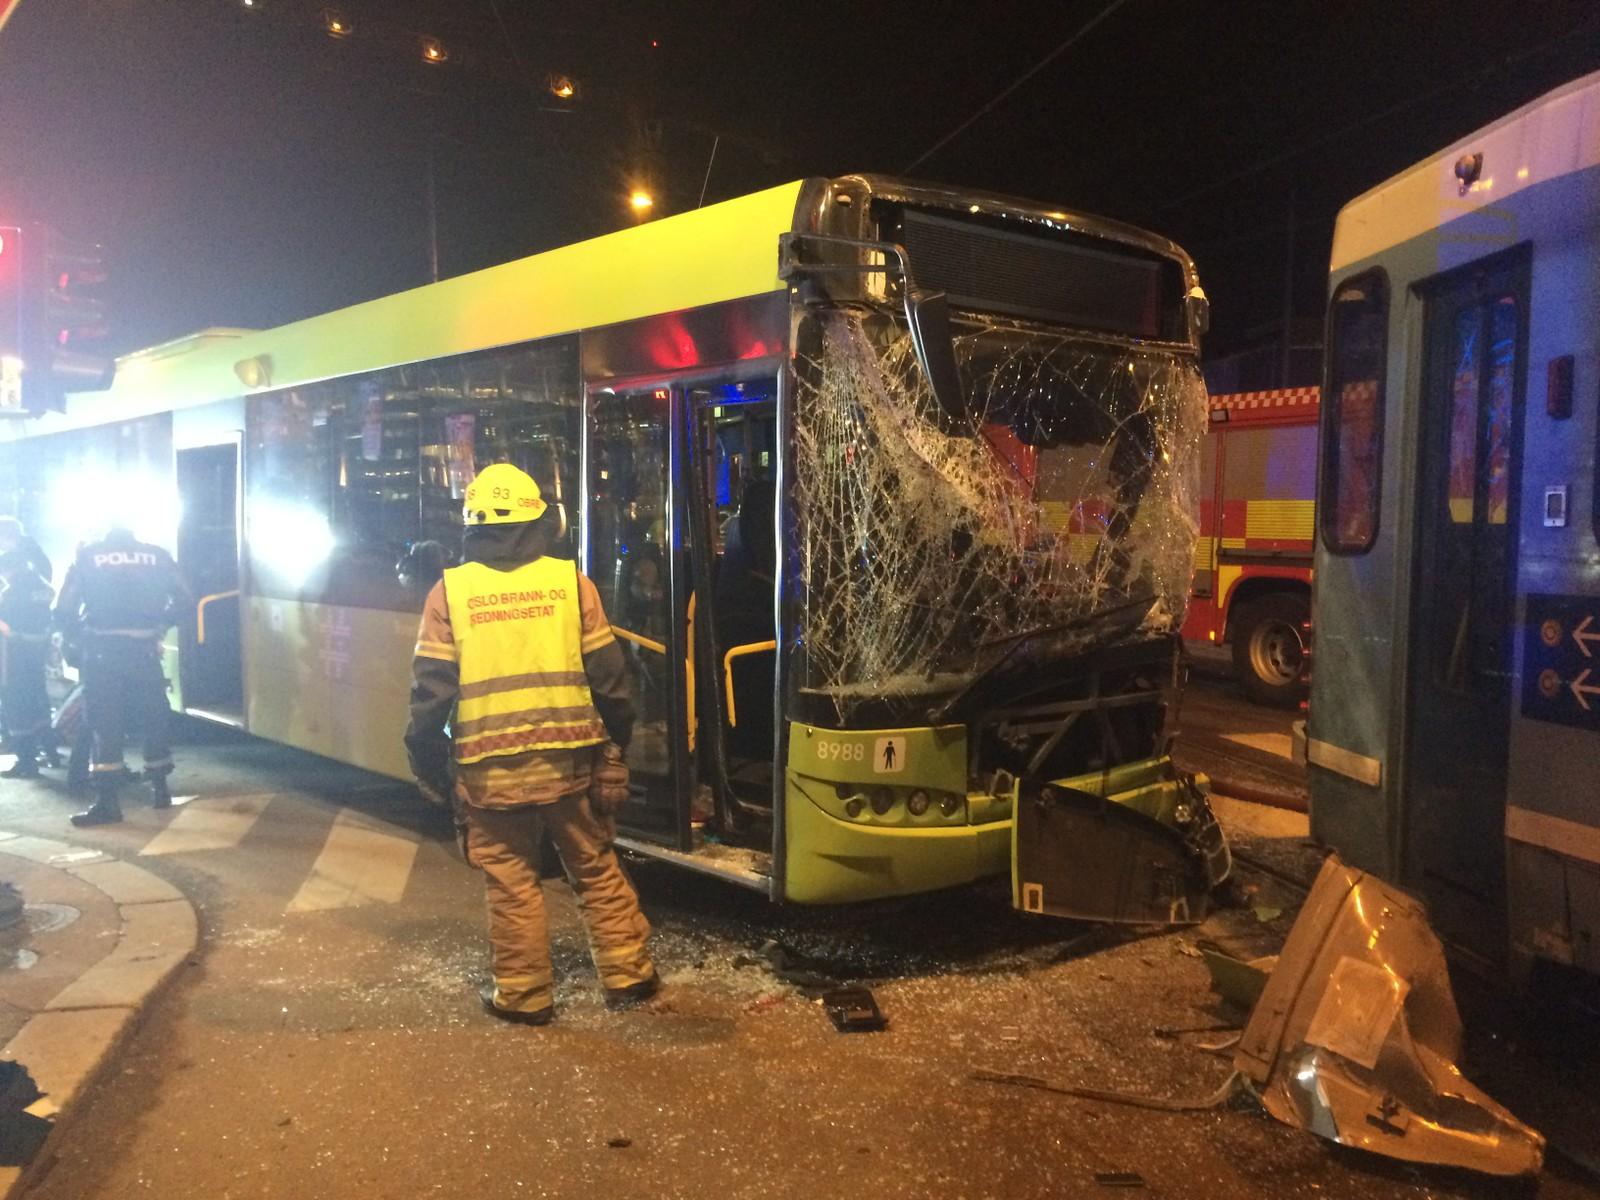 Årsaken til at bussen kjørte på rødt er ikke kjent, men kan skyldes at sjåføren forsøkte å vike for en politibil under utrykning.